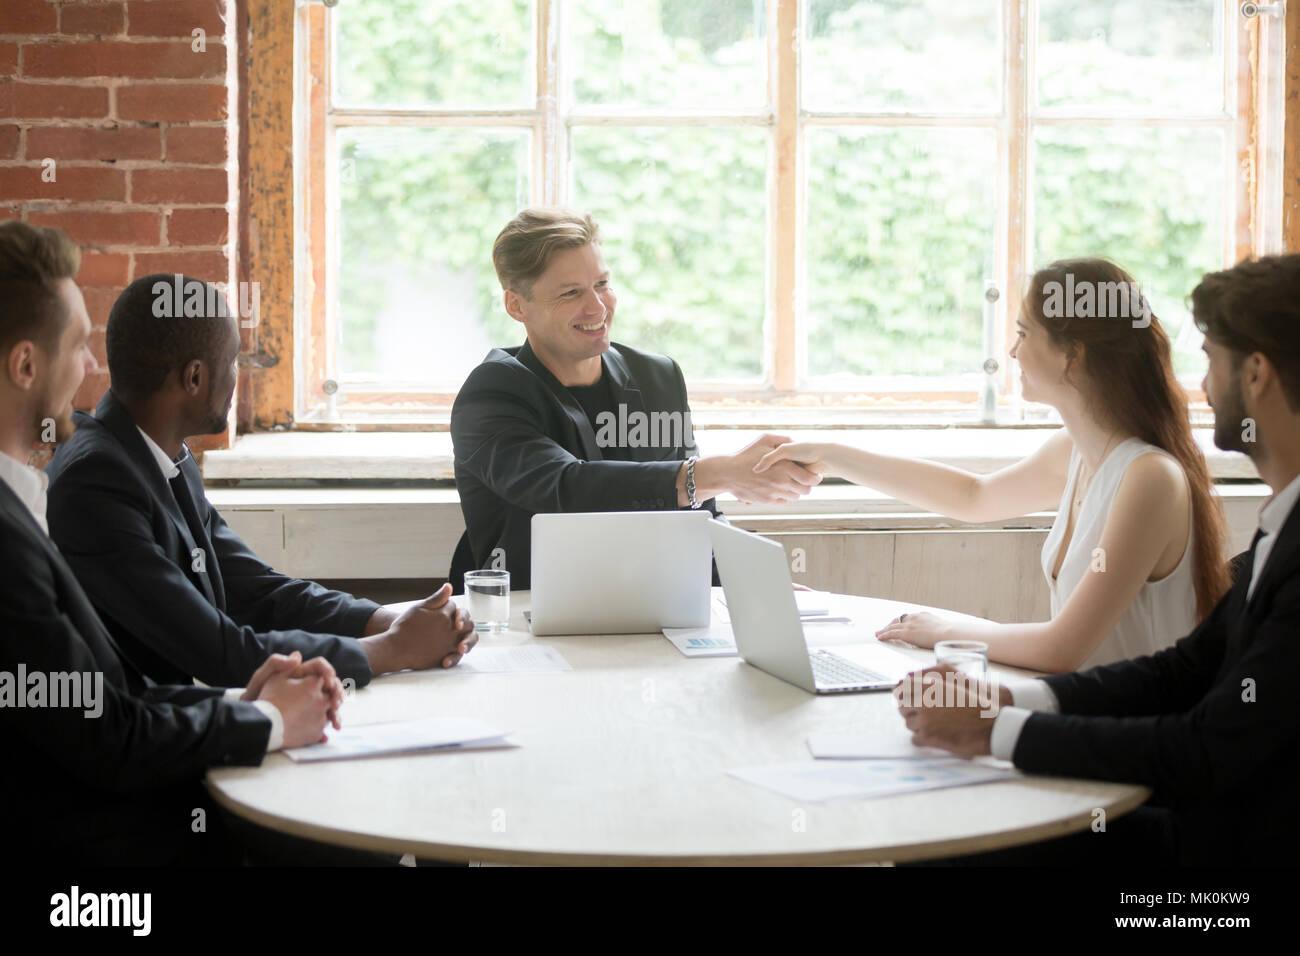 Smiling Chef de la femme message d'entreprise collègue par handshake Photo Stock